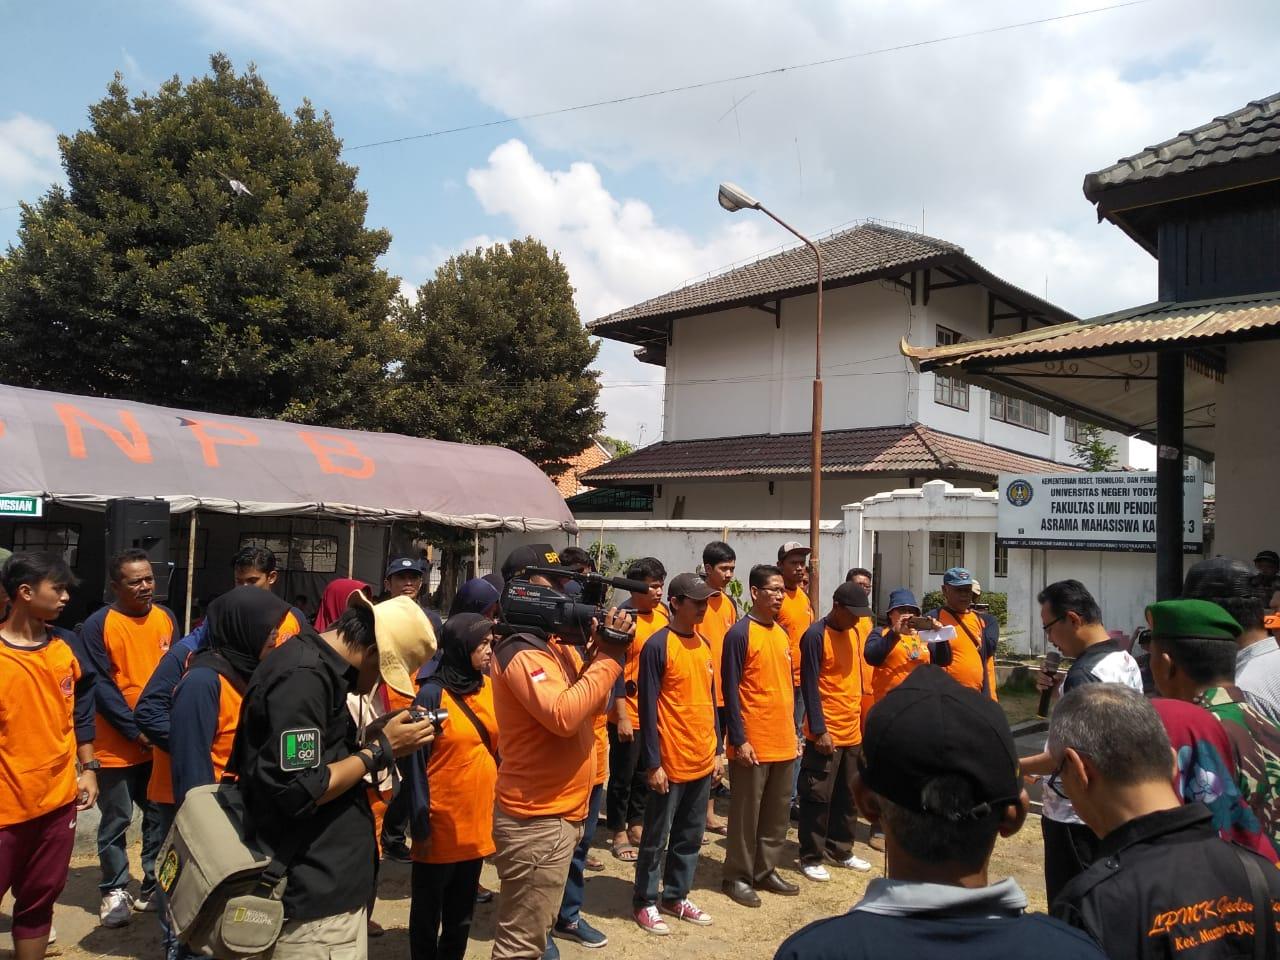 Pengukuhan Kampung Tangguh Bencana (KTB) Gedongkiwo oleh Wakil Walikota Yogyakarta